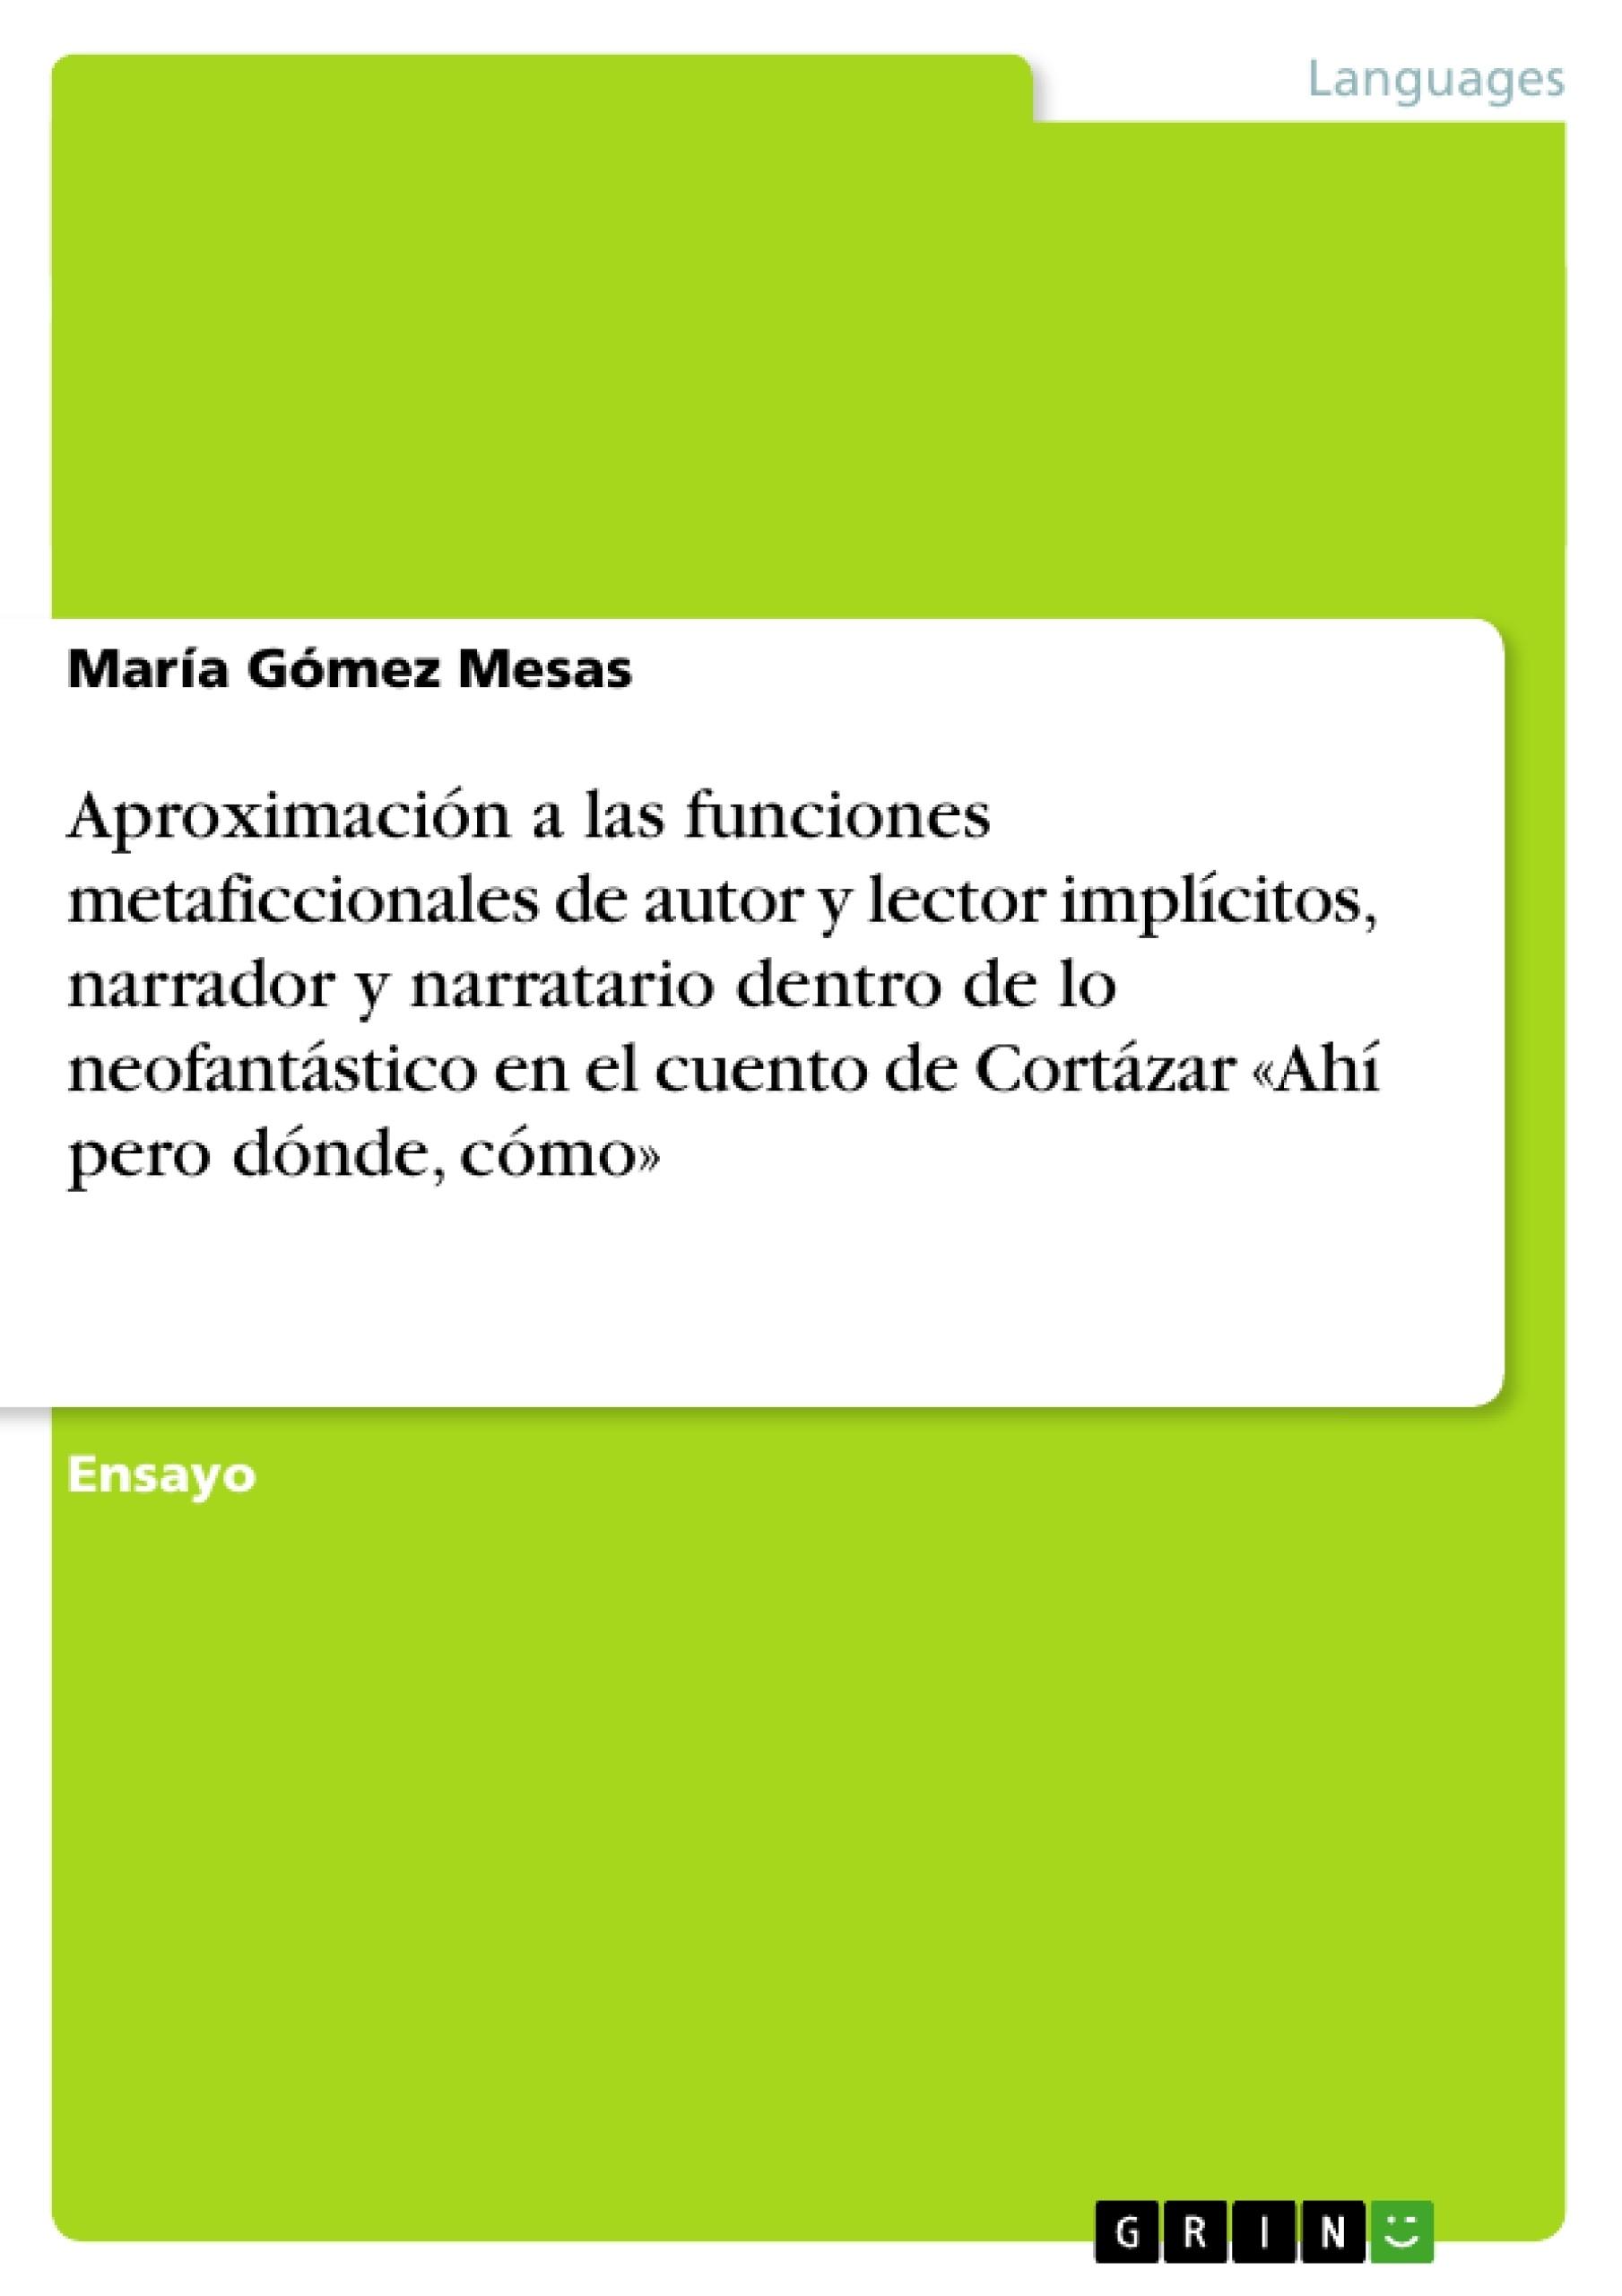 Título: Aproximación a las funciones metaficcionales de autor y lector implícitos, narrador y narratario dentro de lo neofantástico en el cuento de Cortázar «Ahí pero dónde, cómo»